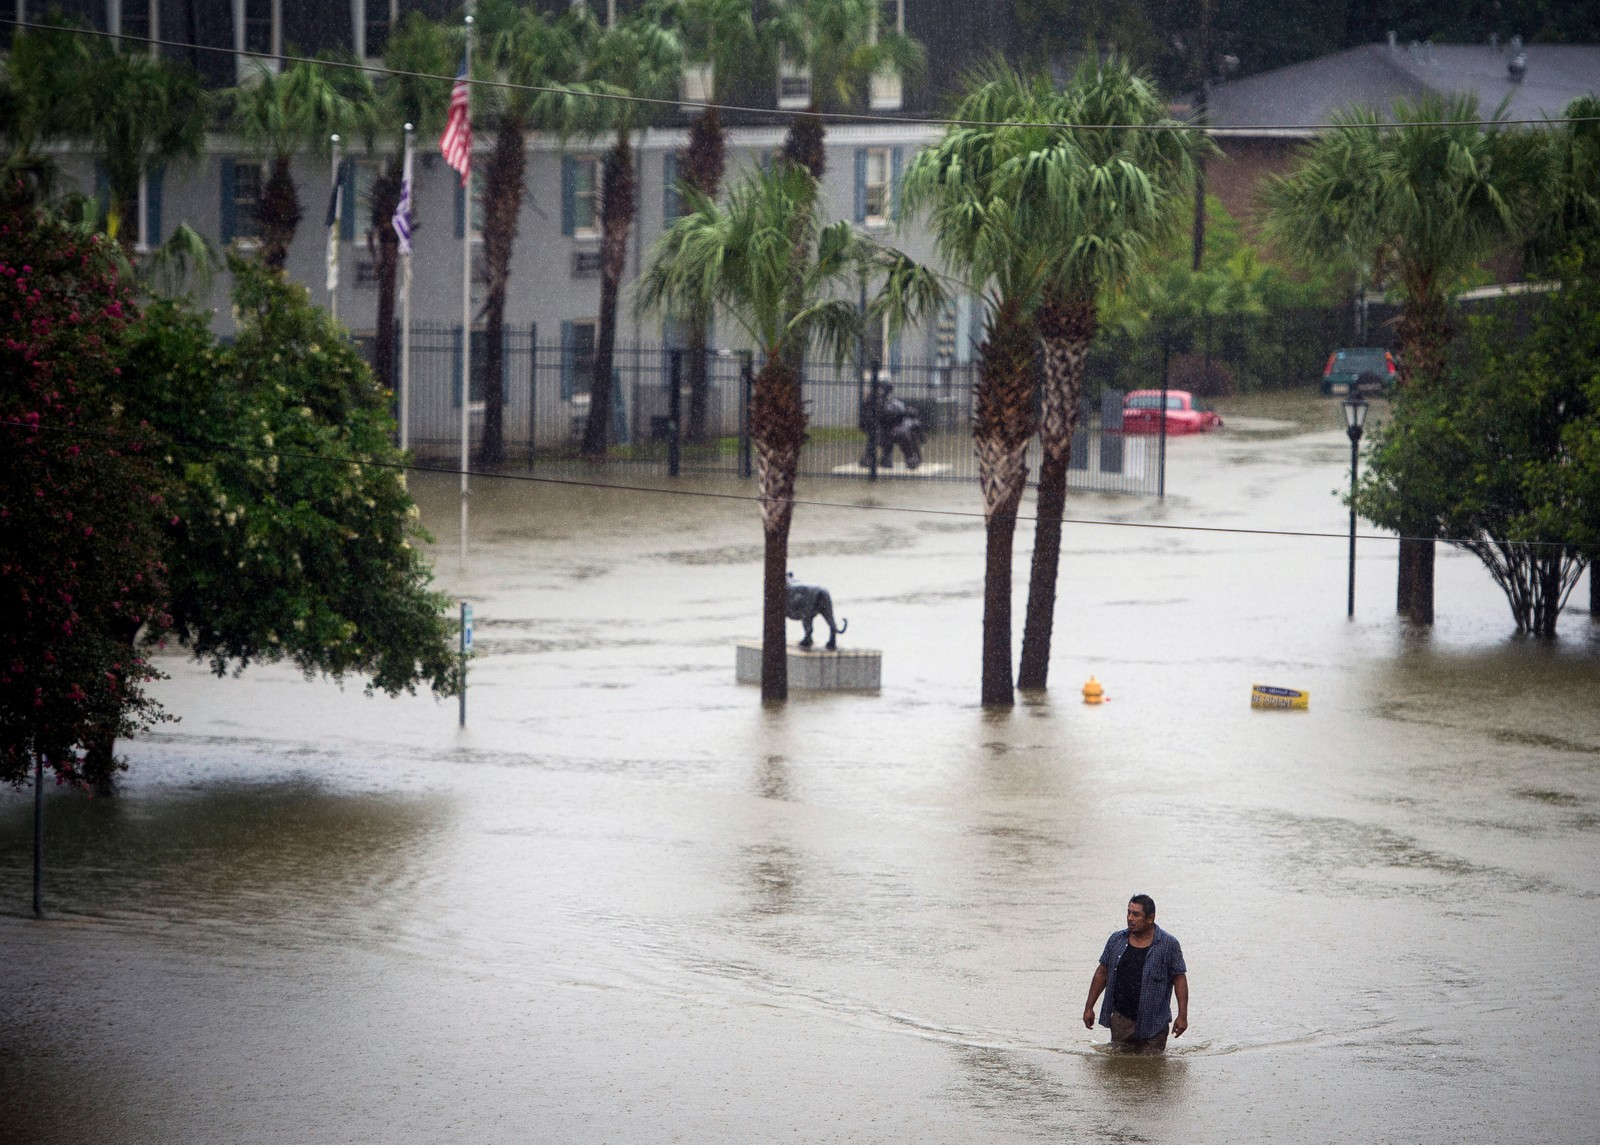 OVERSVØMT: En person jobber seg gjennom flomvannet i Baton Rouge, Louisiana.